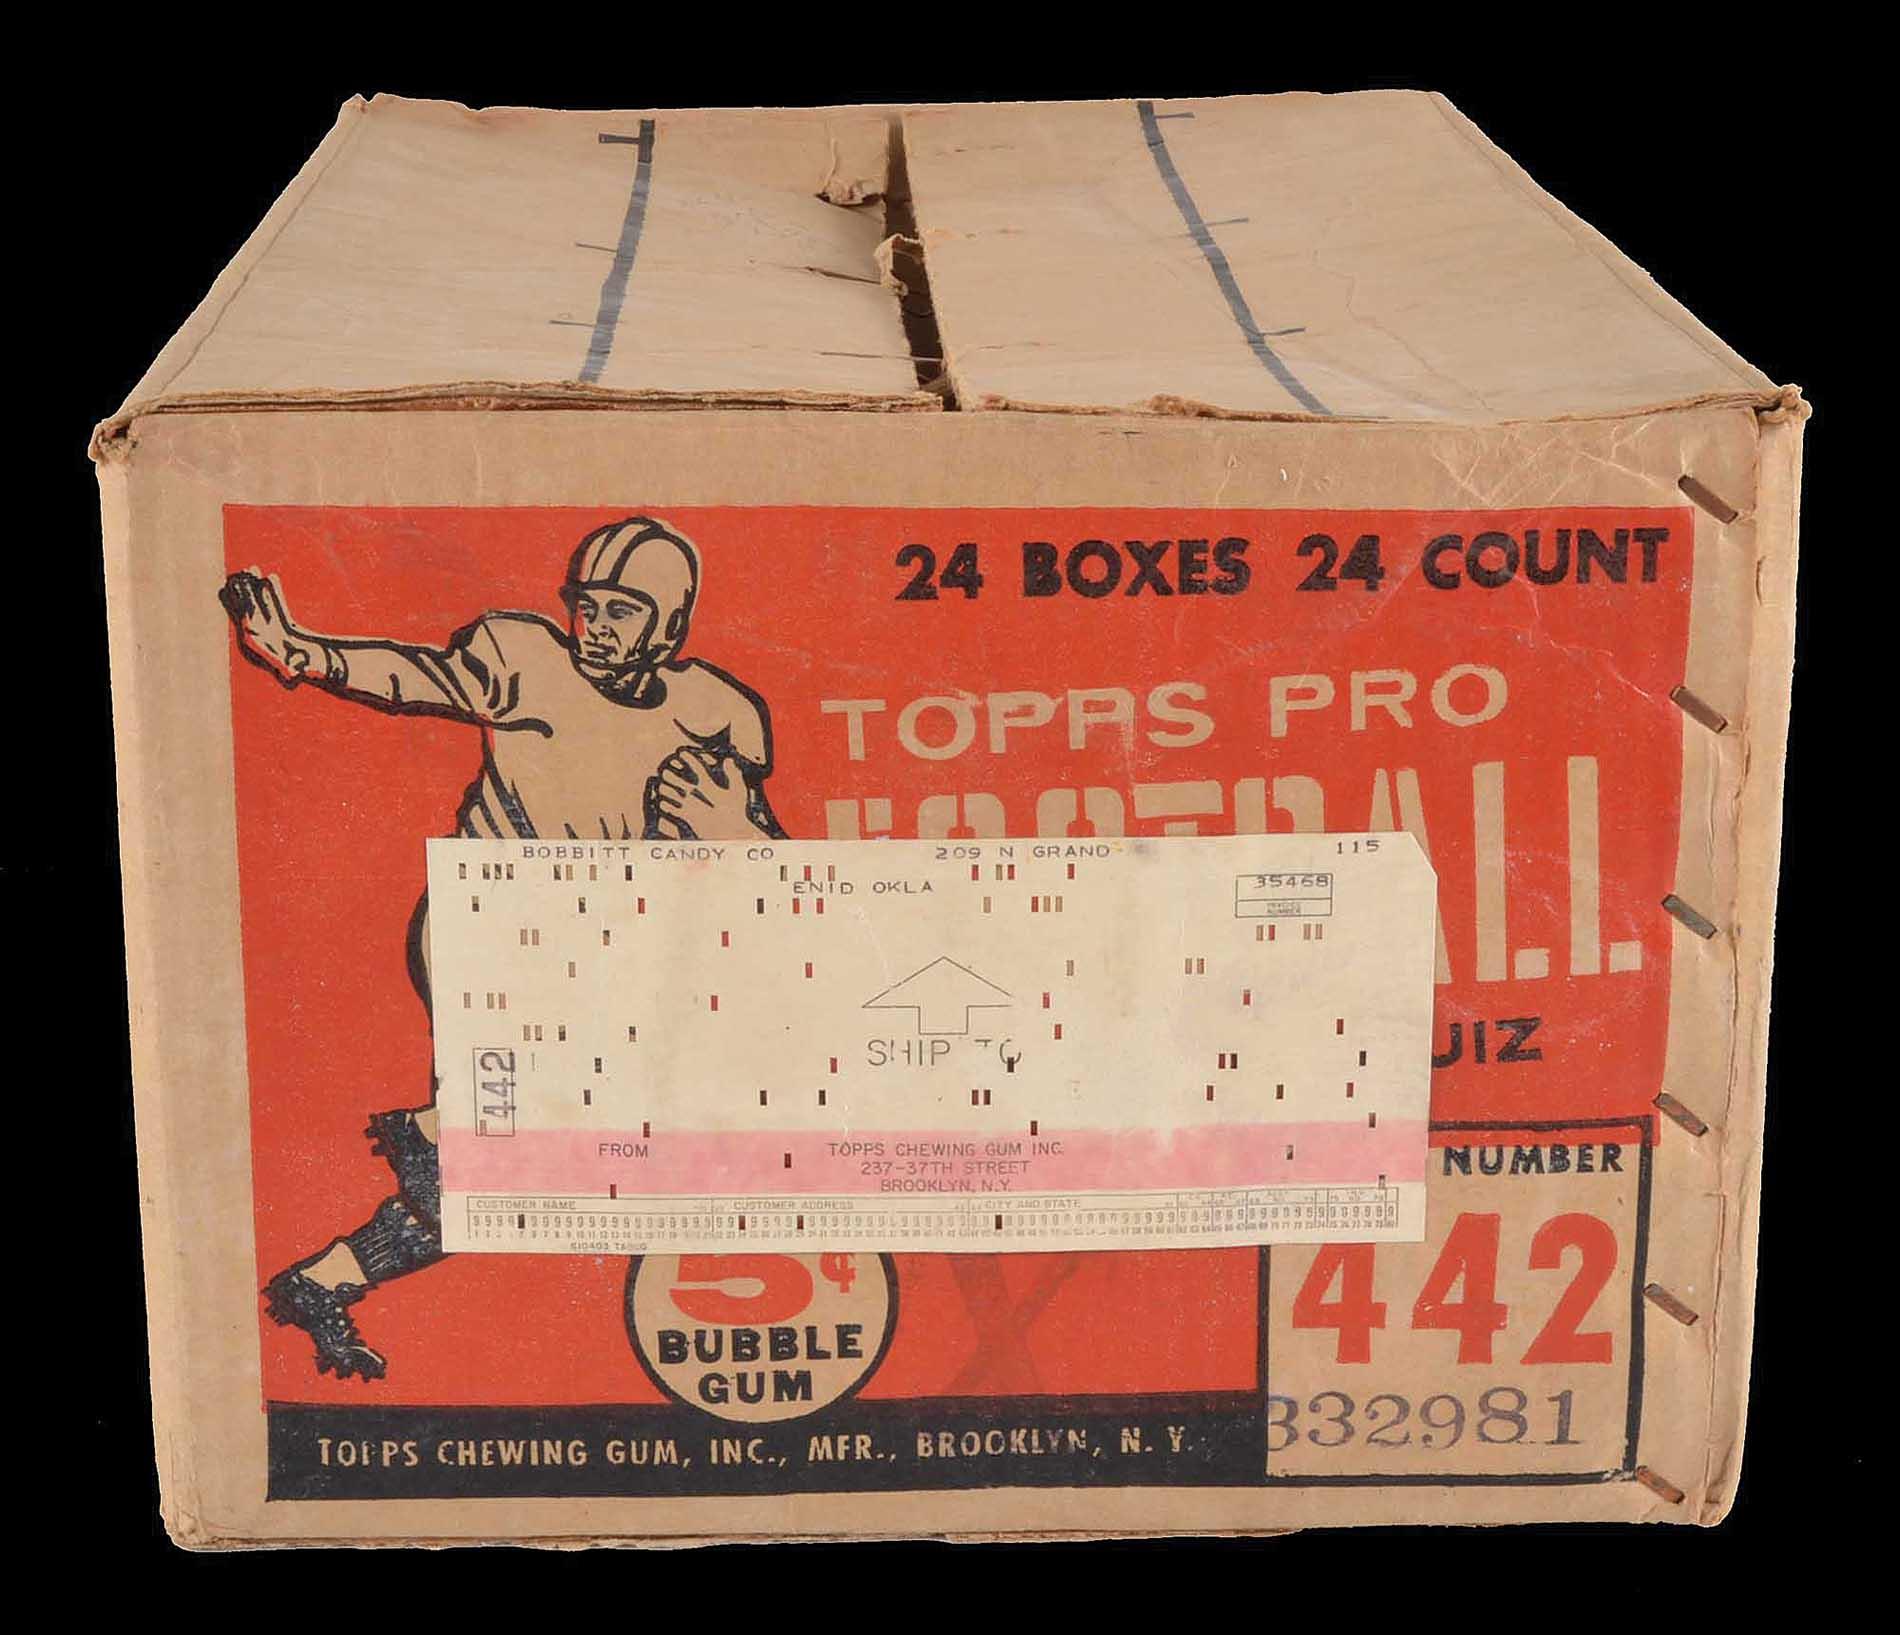 Case 1958 Topps football